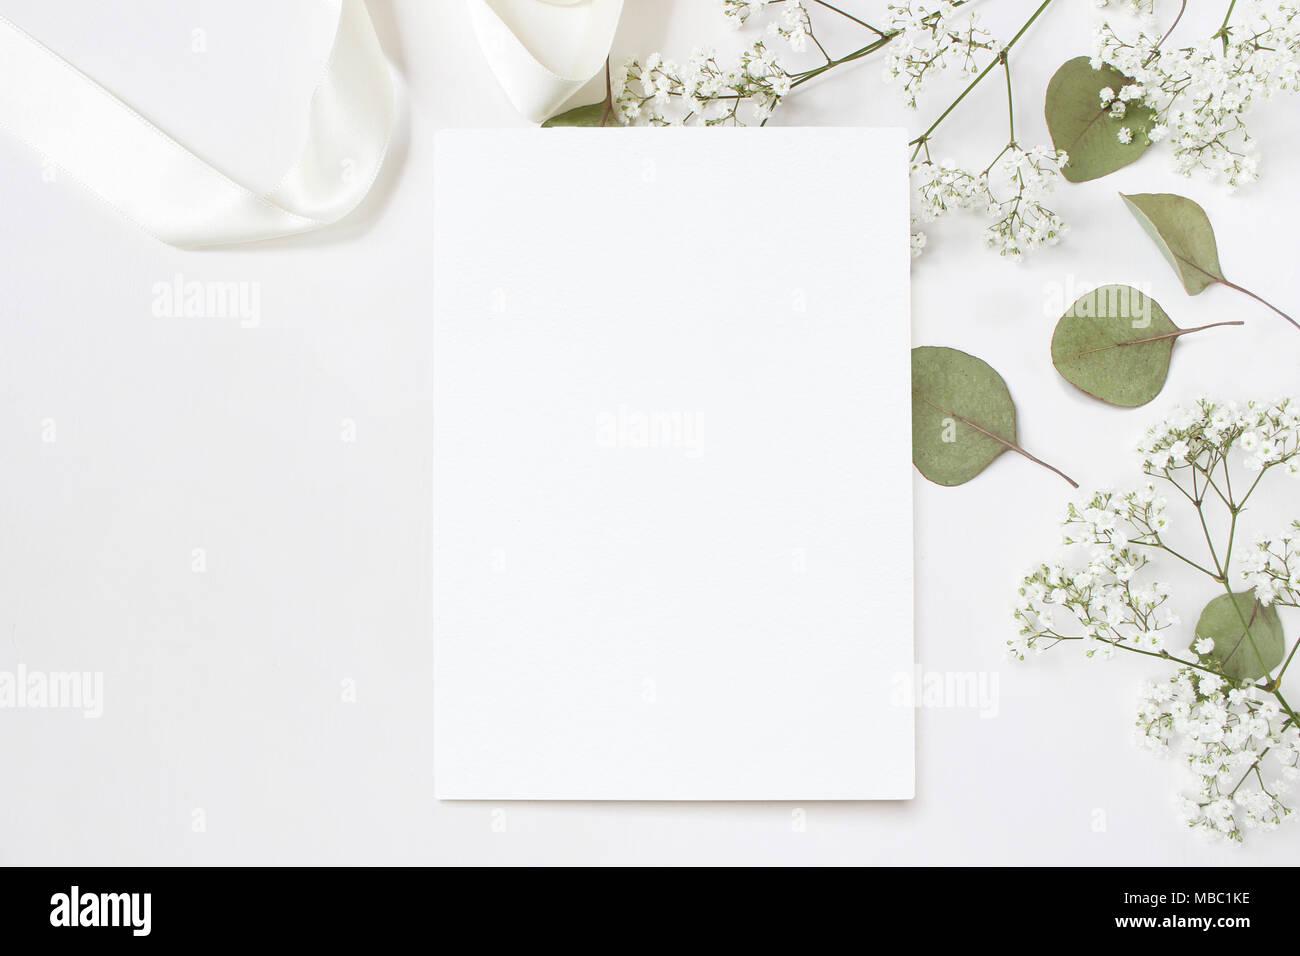 Styled Stock Photo Feminine Wedding Desktop Stationery Mockup With